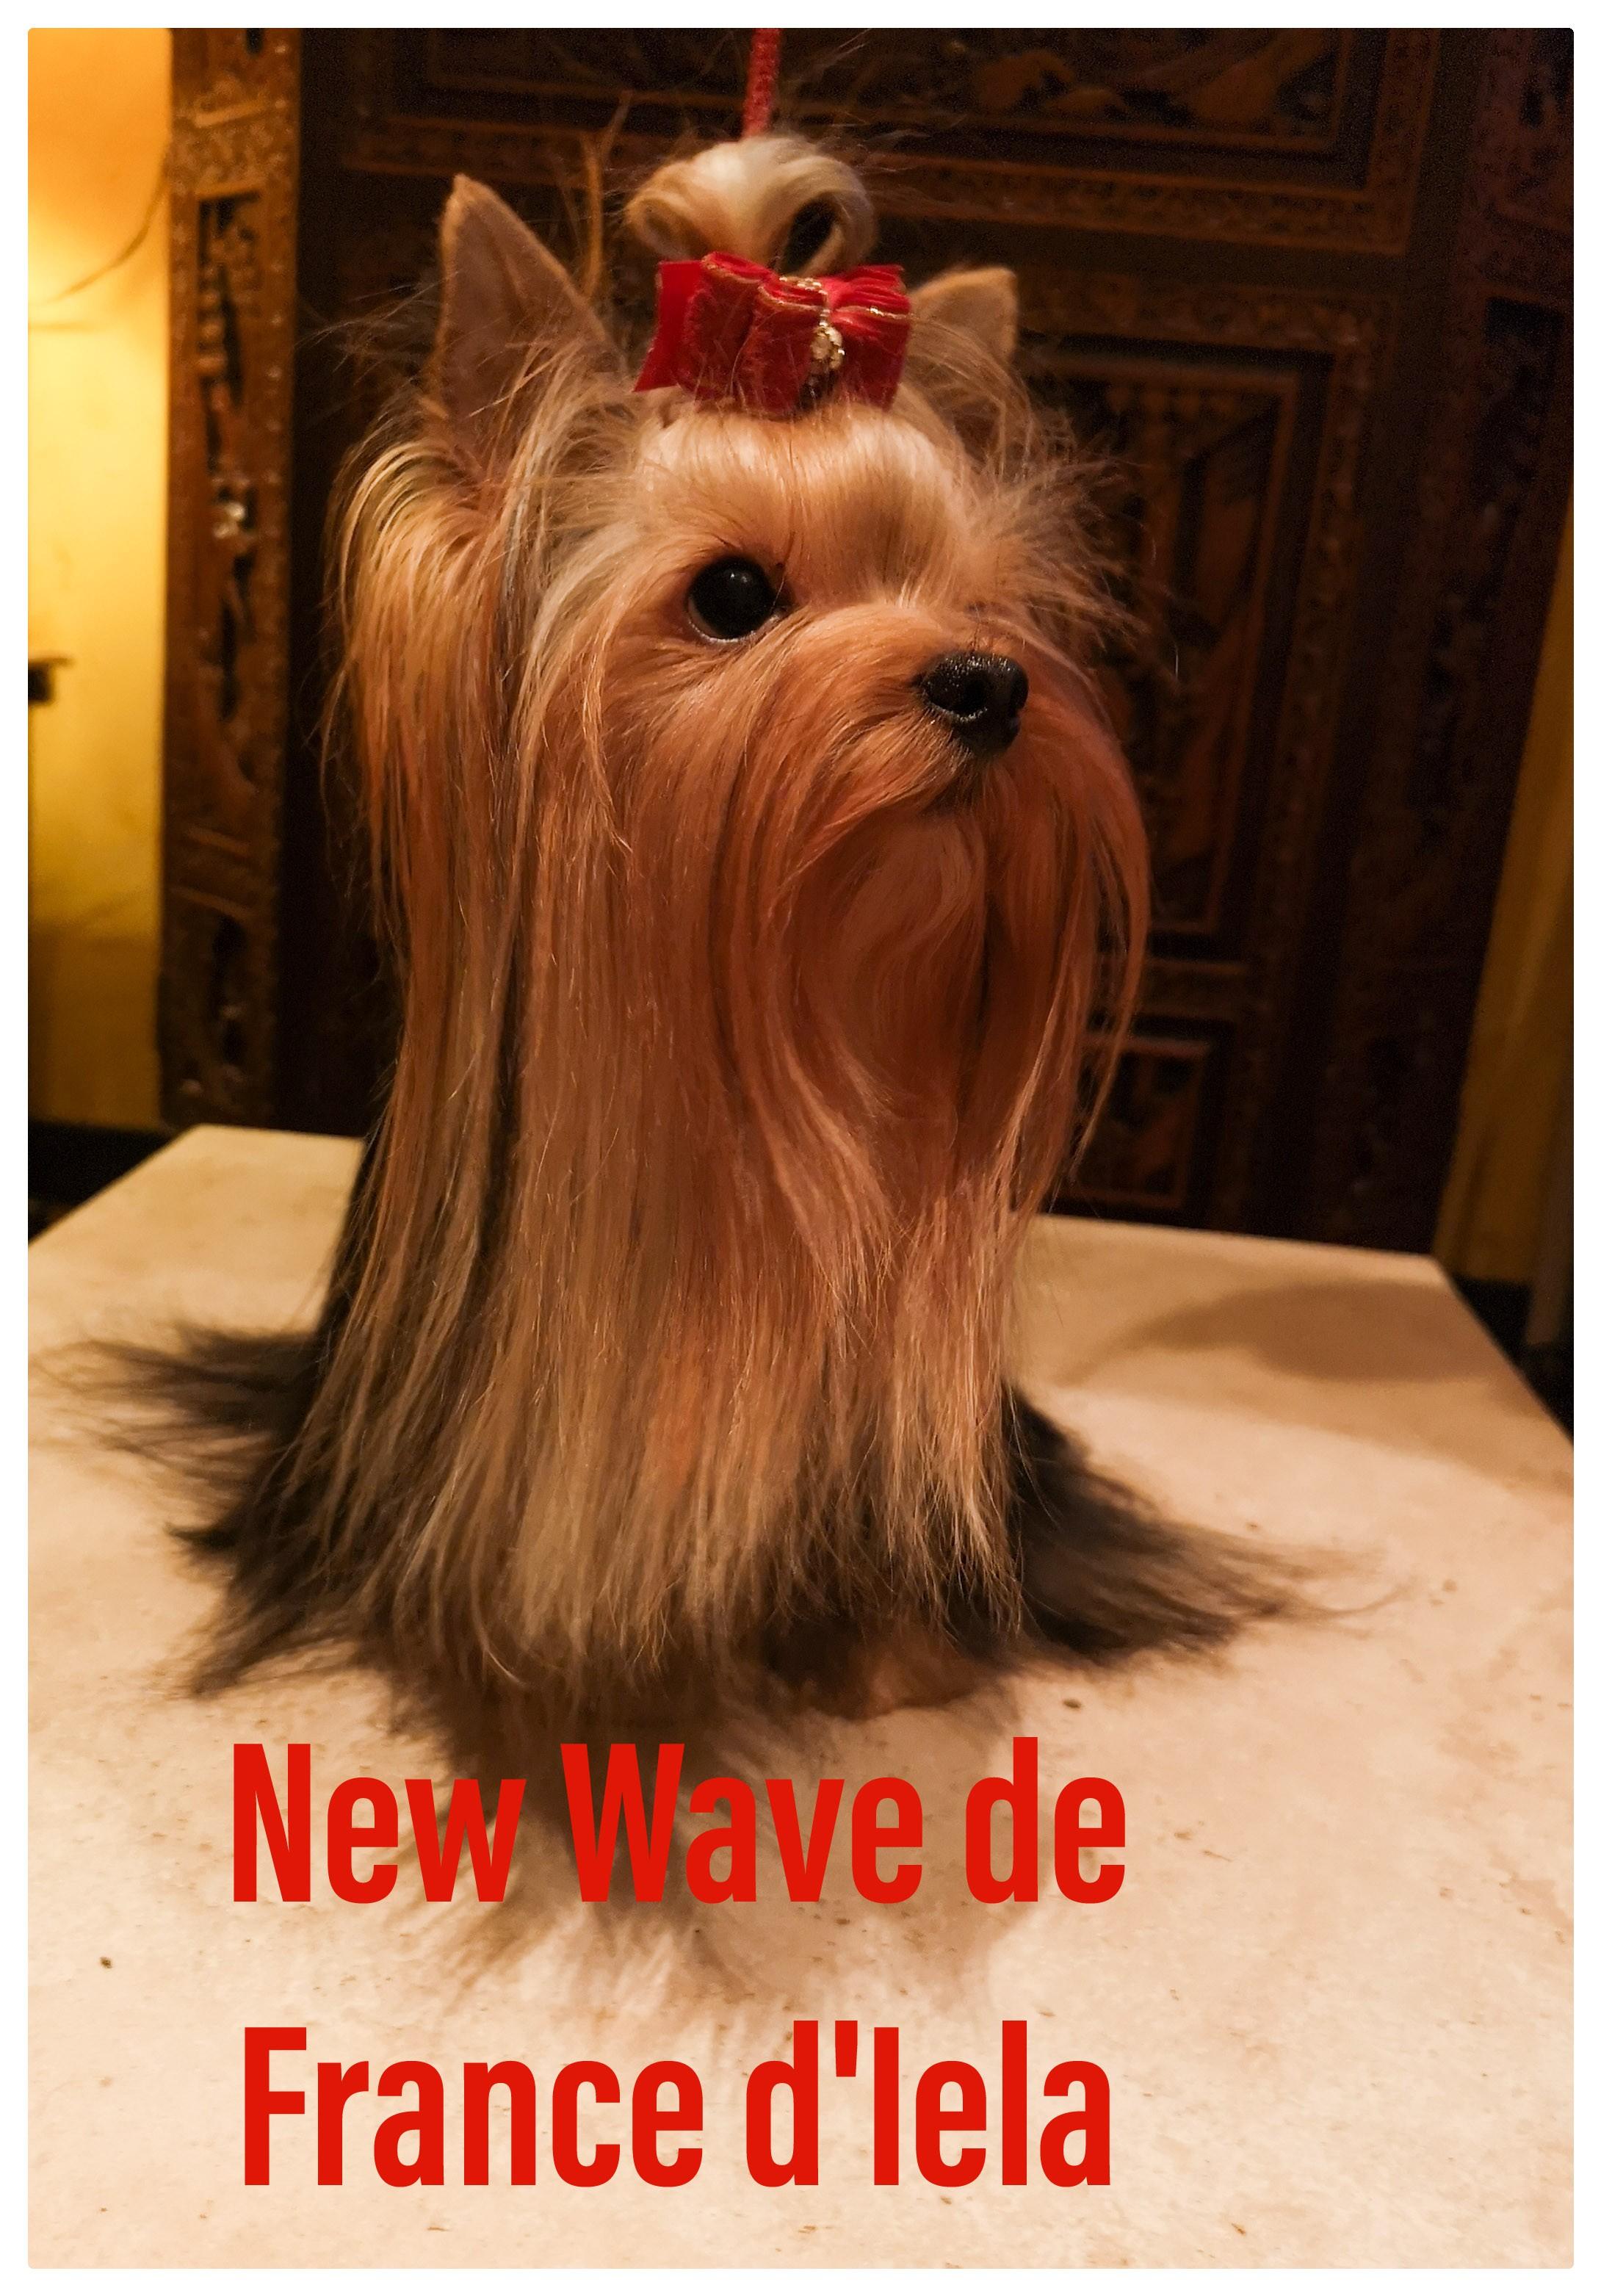 New wave de France D'Iela